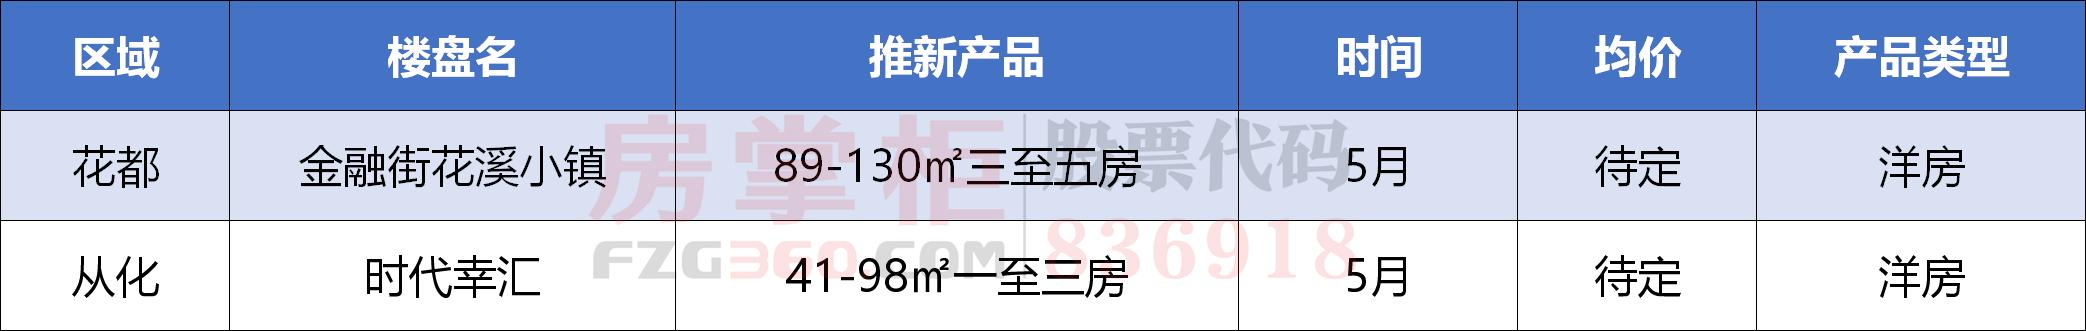 微信图片_20180430202102_副本.png